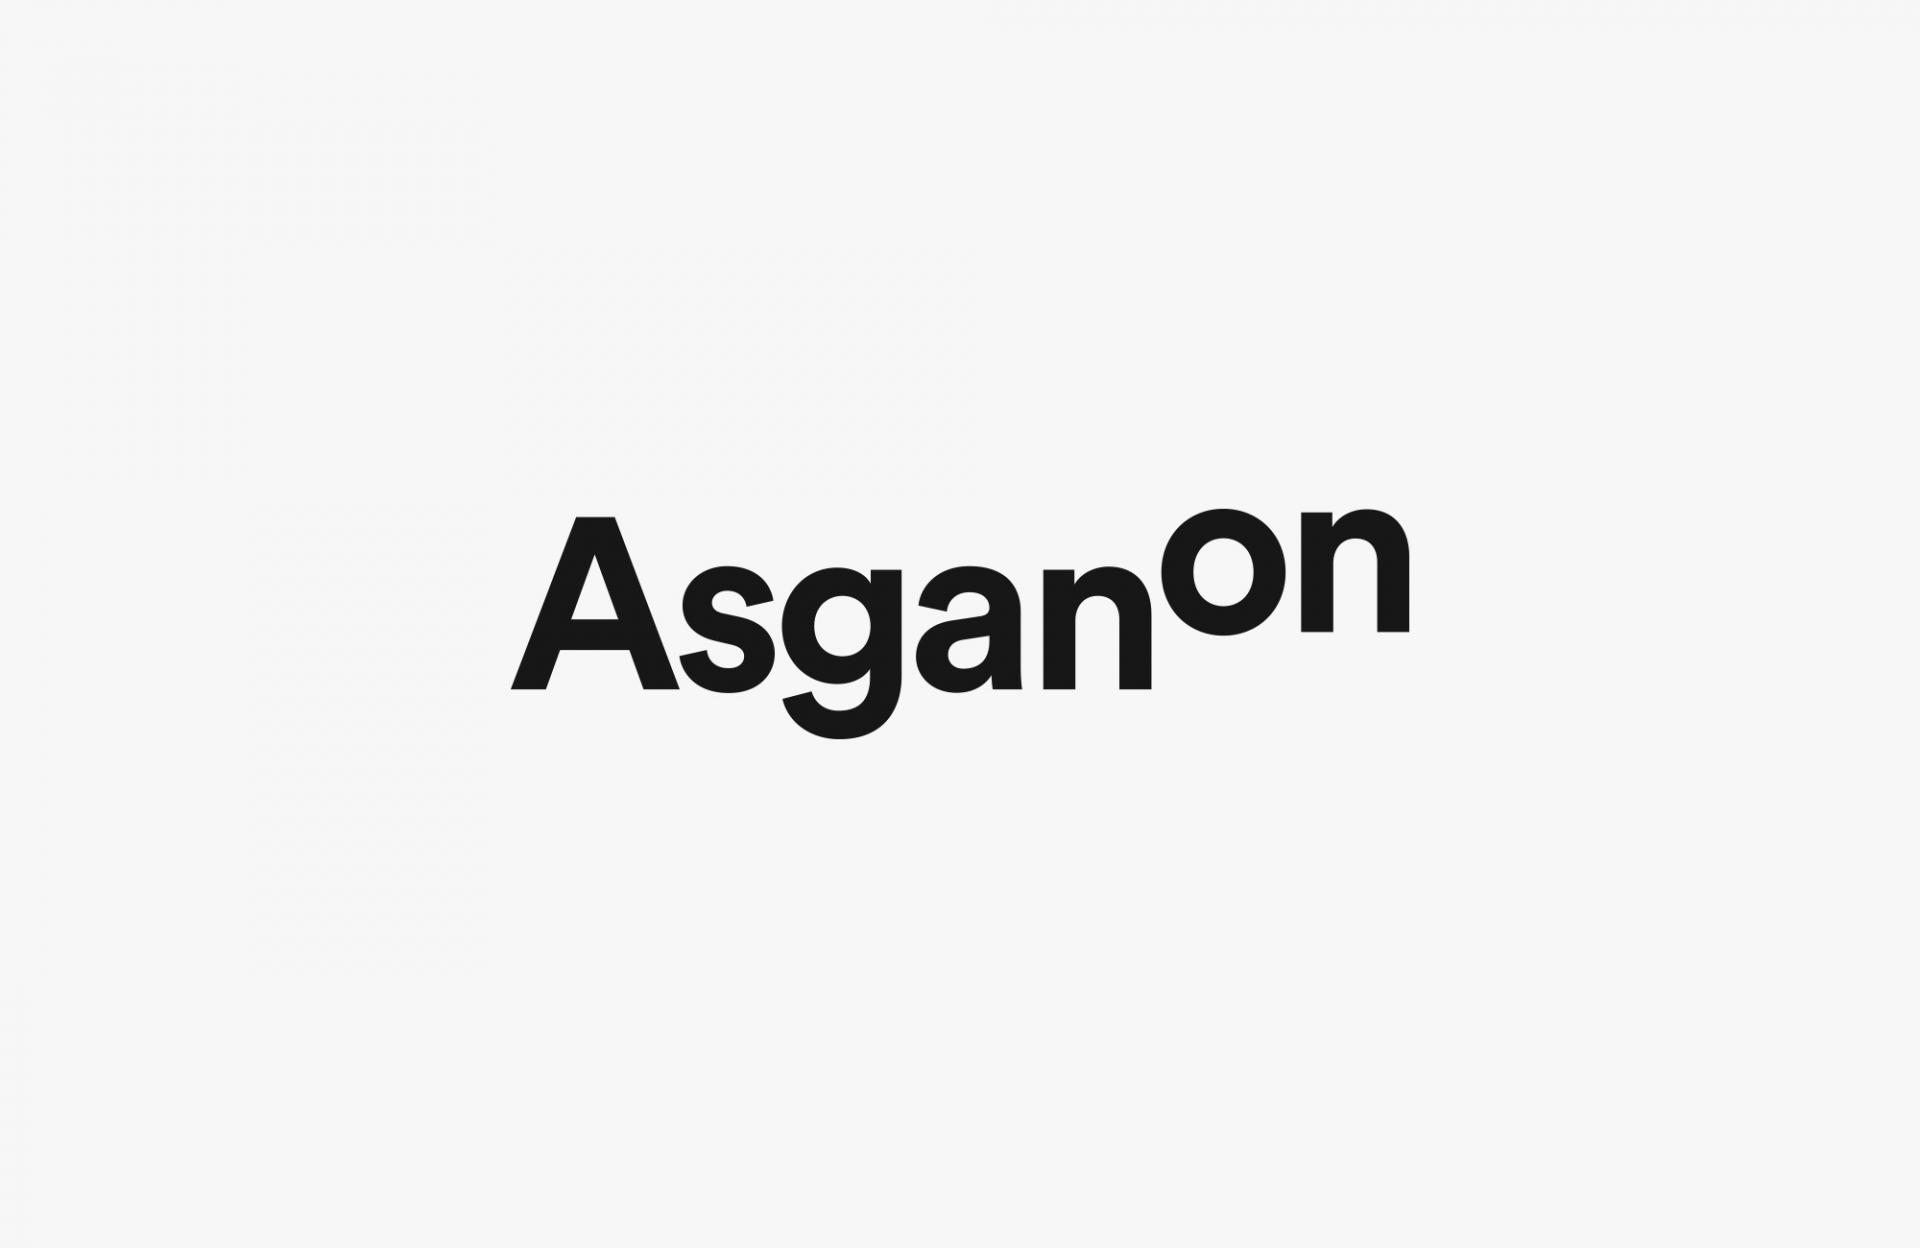 C/O Asganon